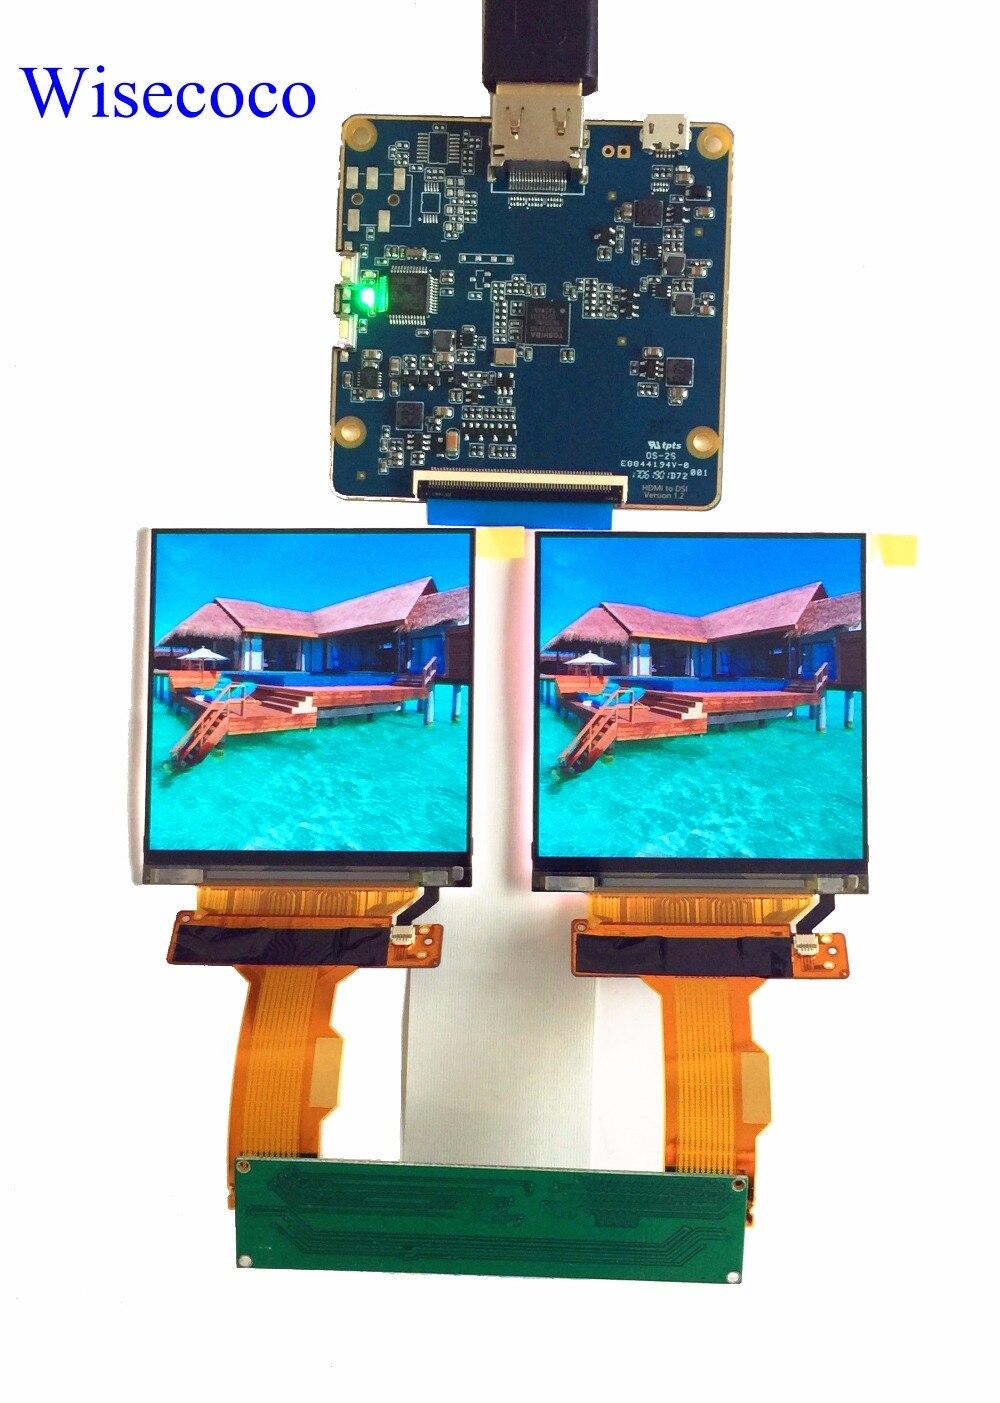 2 LS029B3SX02 2.9 polegada 1440*1440 k tela MIPI TFT LCD com HDMI para MIPI Dsi board driver para VR AR projeto